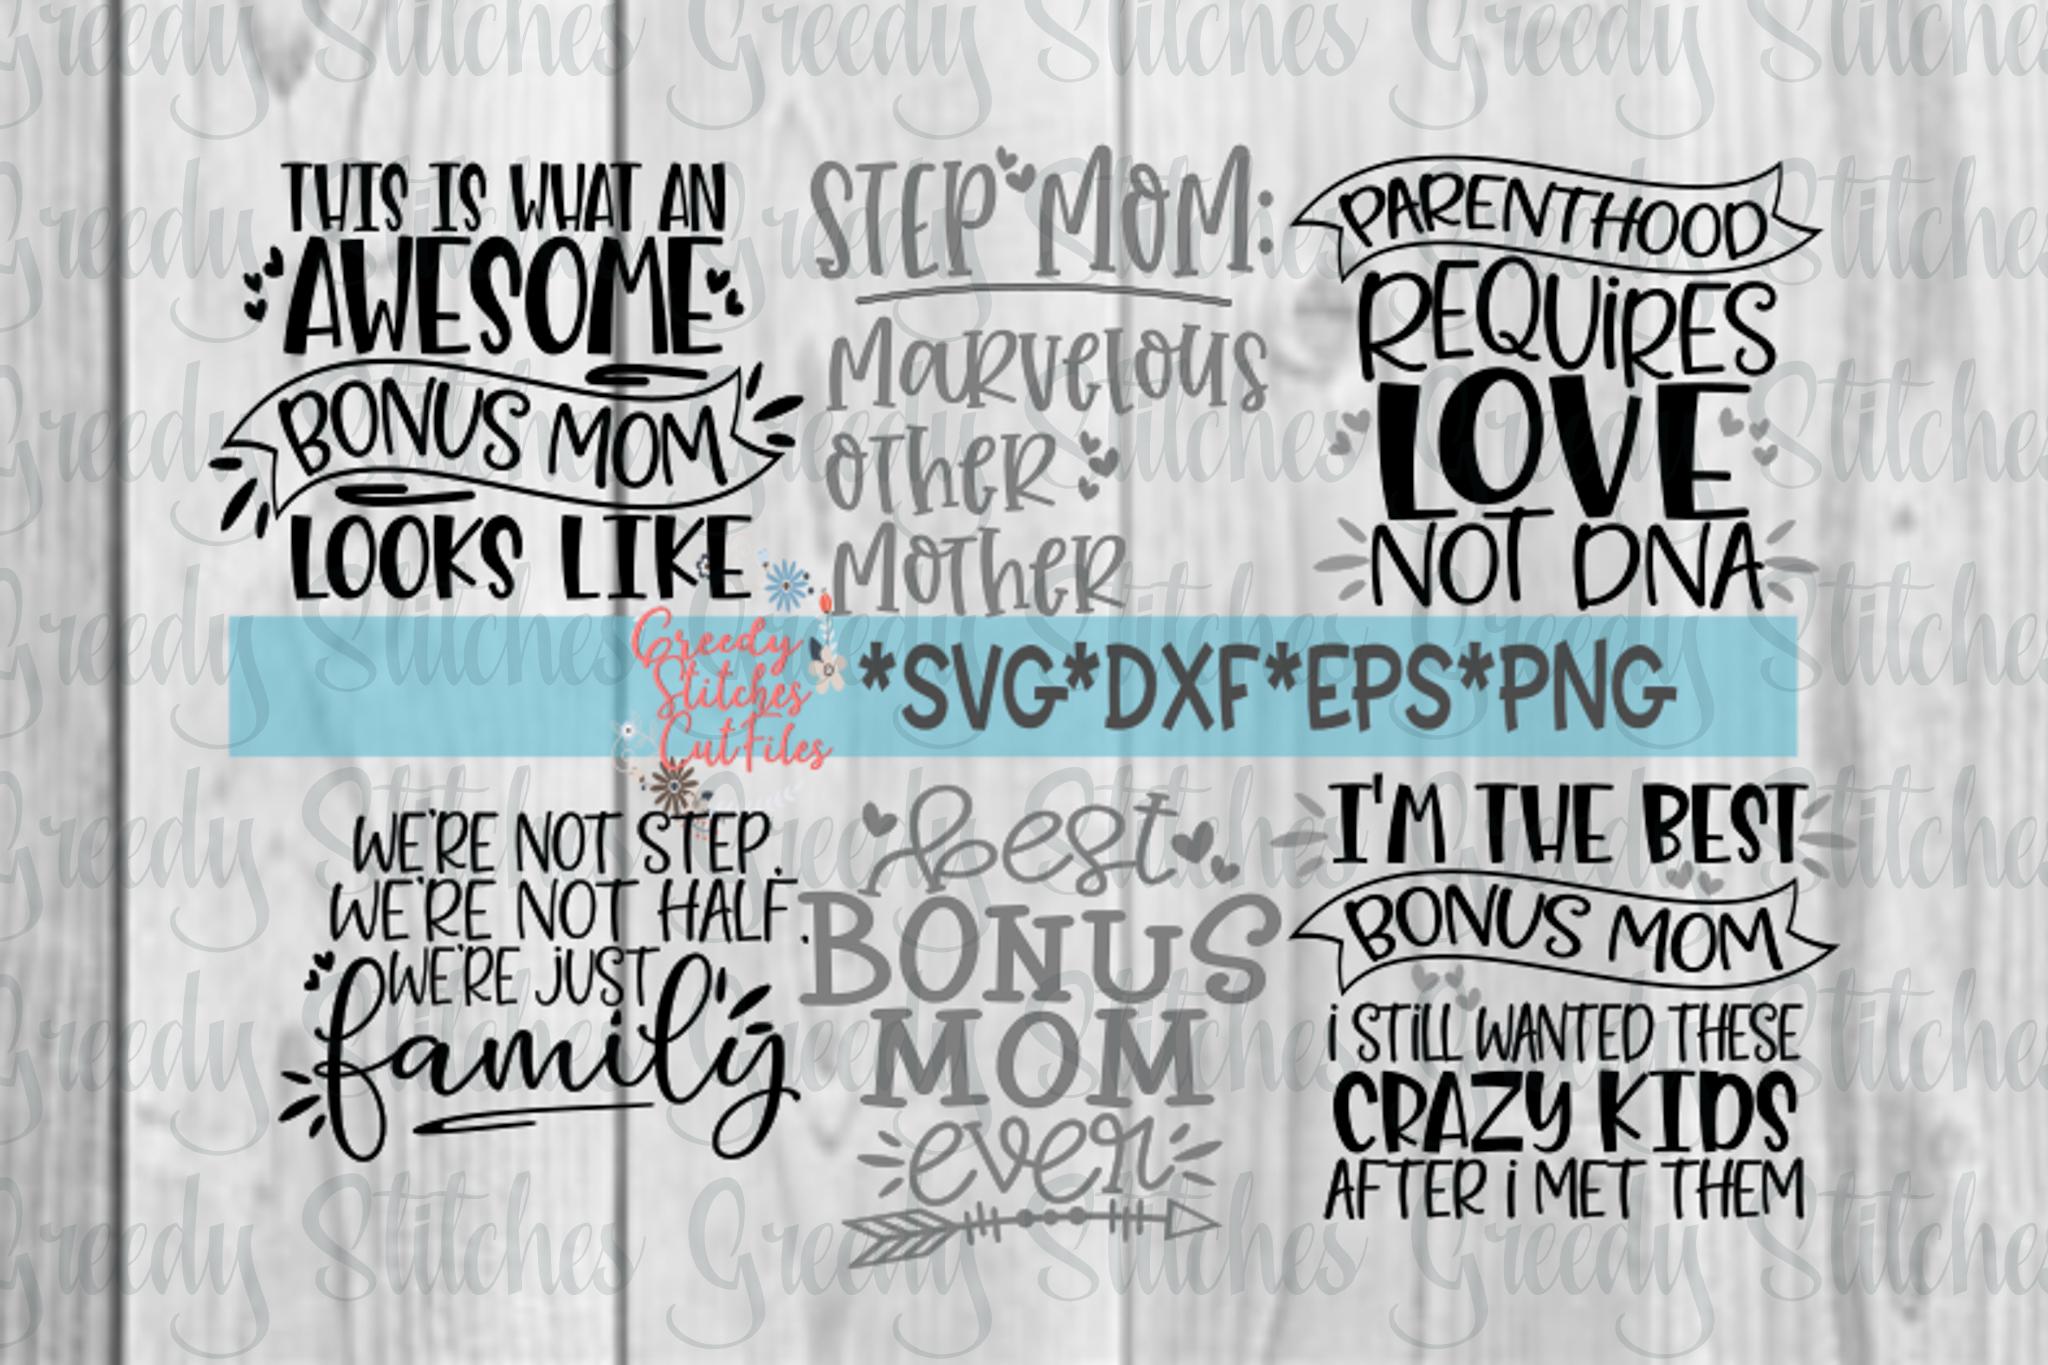 Mother's Day | Bonus Mom Bundle | Step Mom SVG Bundle example image 6